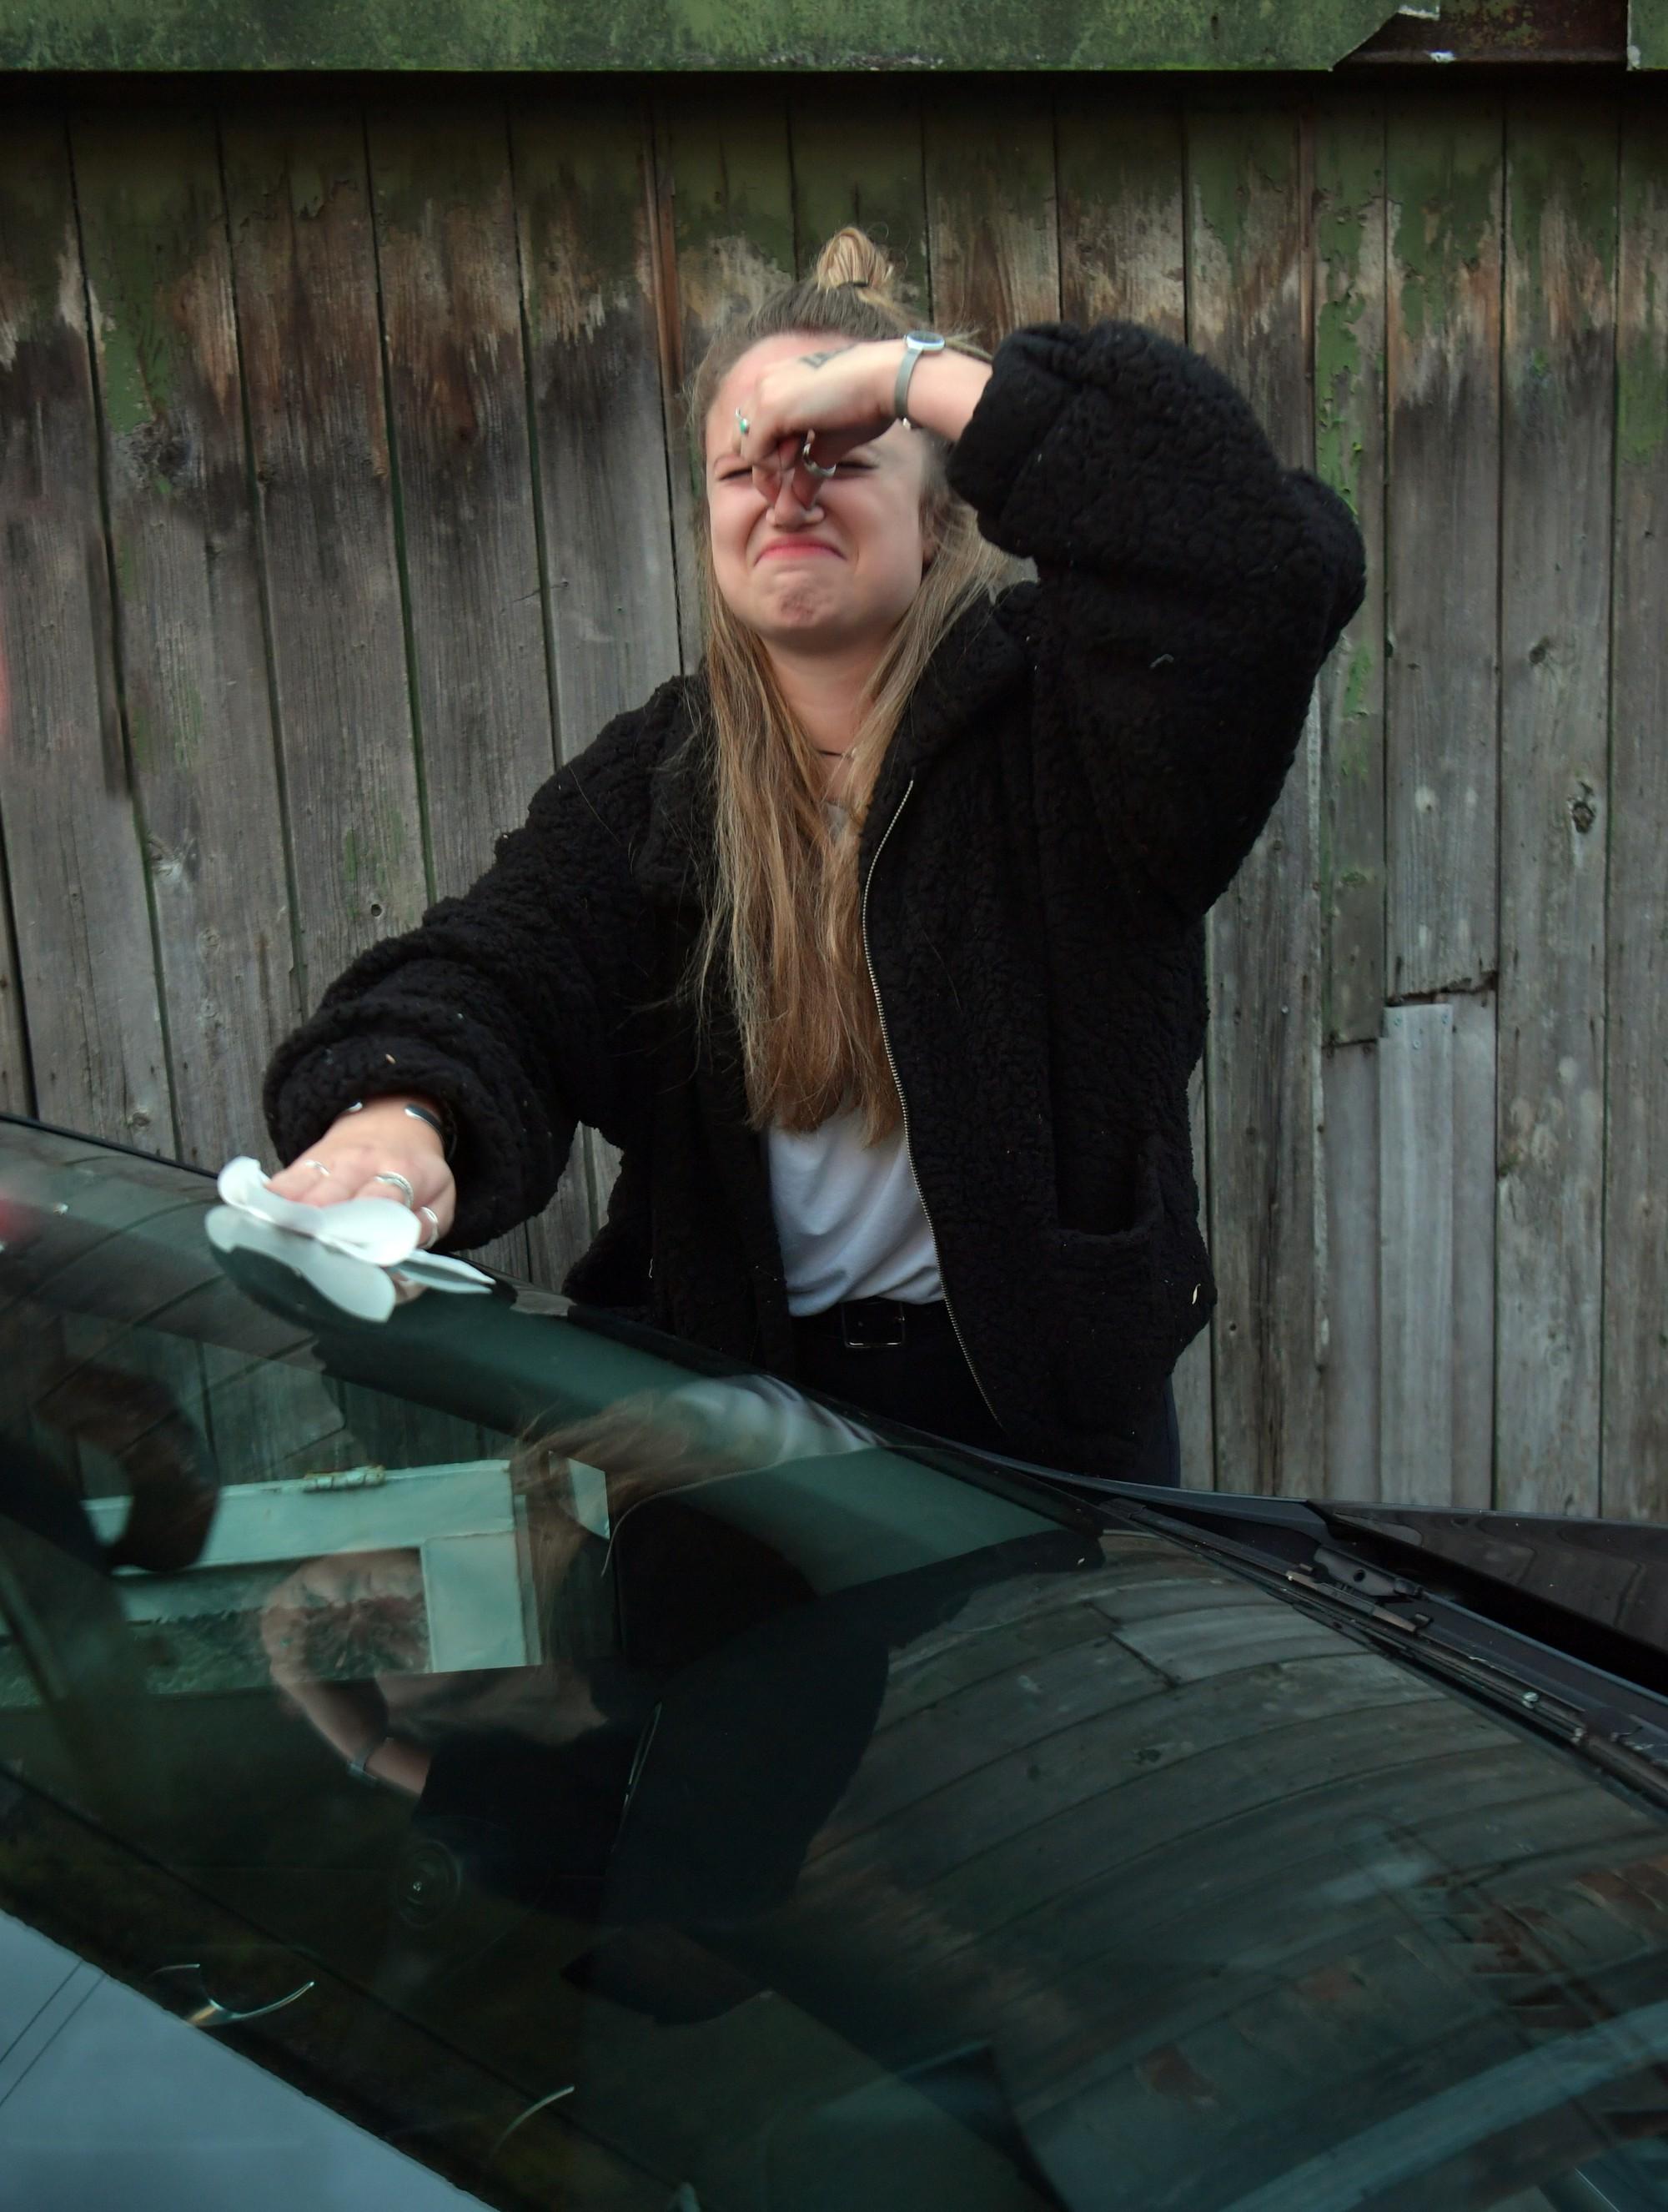 Góc hẩm hiu: Bị kẻ gian thả mìn lên xe hơi 2 lần liên tiếp, thiếu nữ Anh quyết định mang tang vật đi xét nghiệm ADN tìm thủ phạm - Ảnh 2.